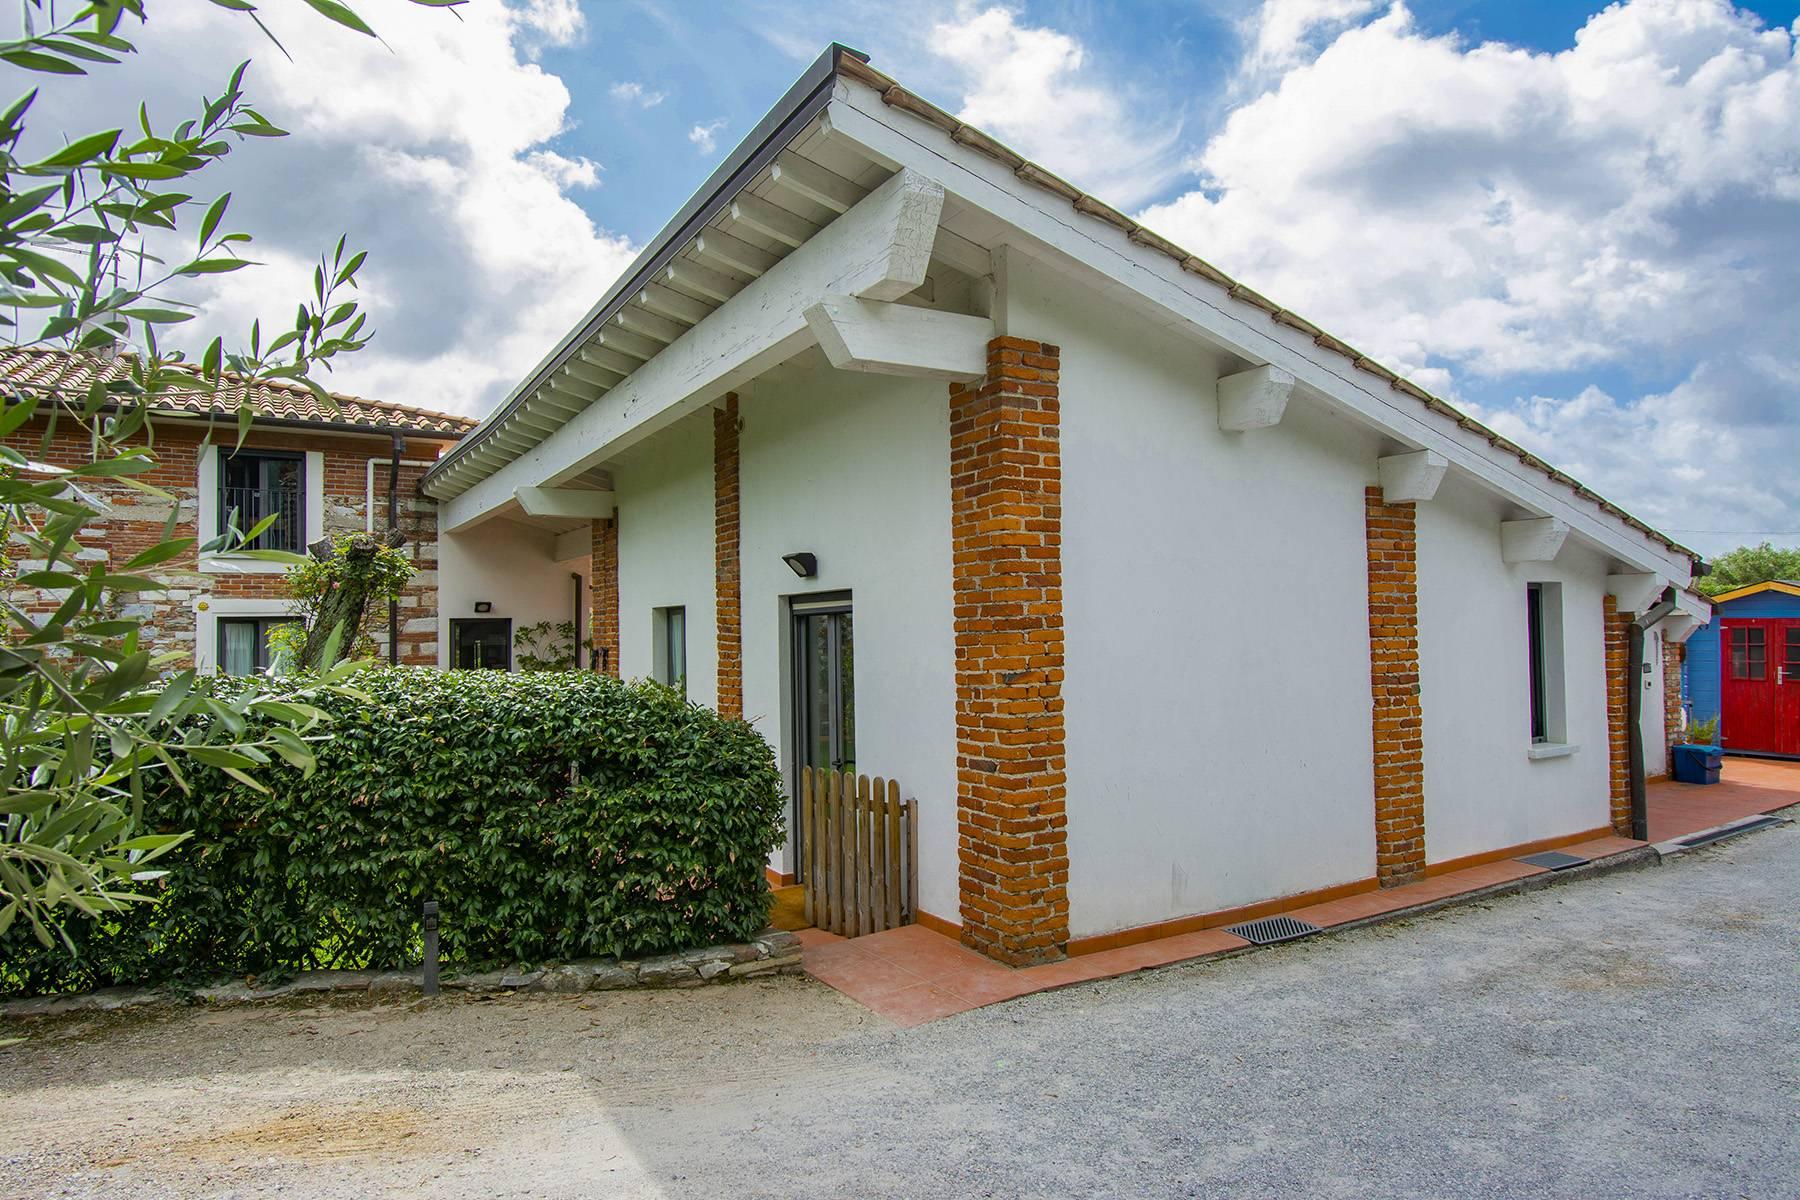 Casa indipendente in Vendita a Pietrasanta: 5 locali, 280 mq - Foto 11